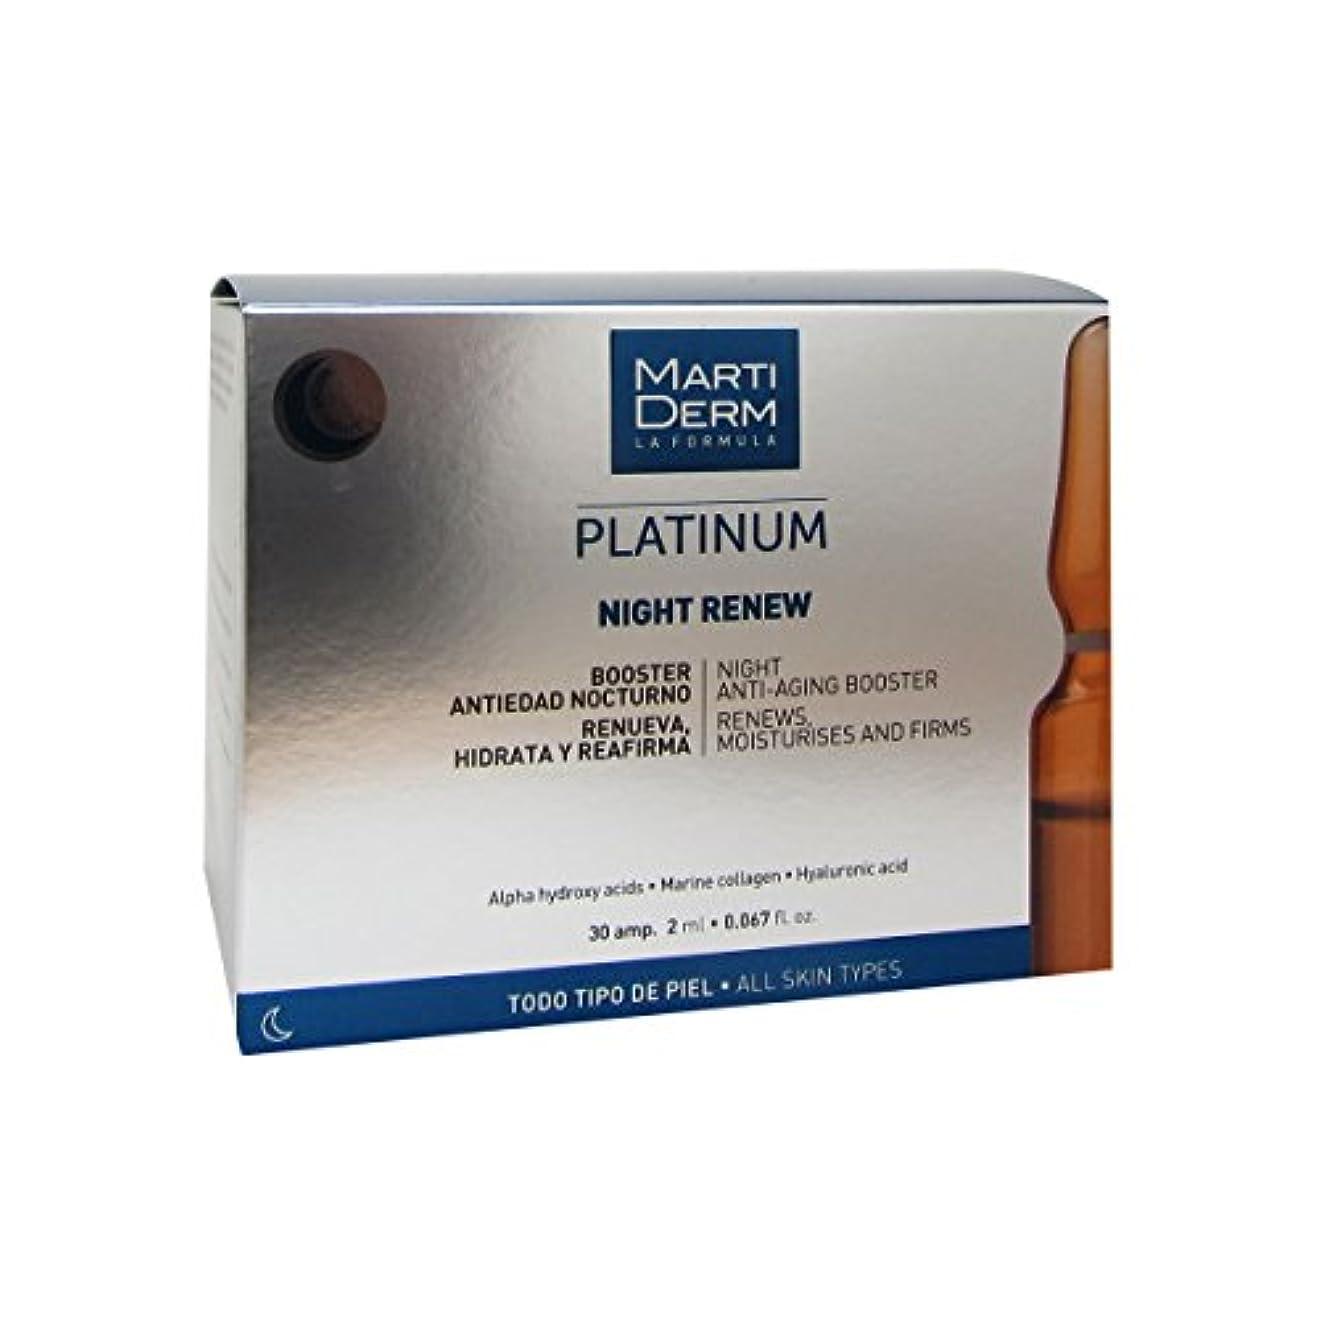 遠征マニフェストバスタブMartiderm Platinum Night Renew Ampoules 30ampx2ml [並行輸入品]